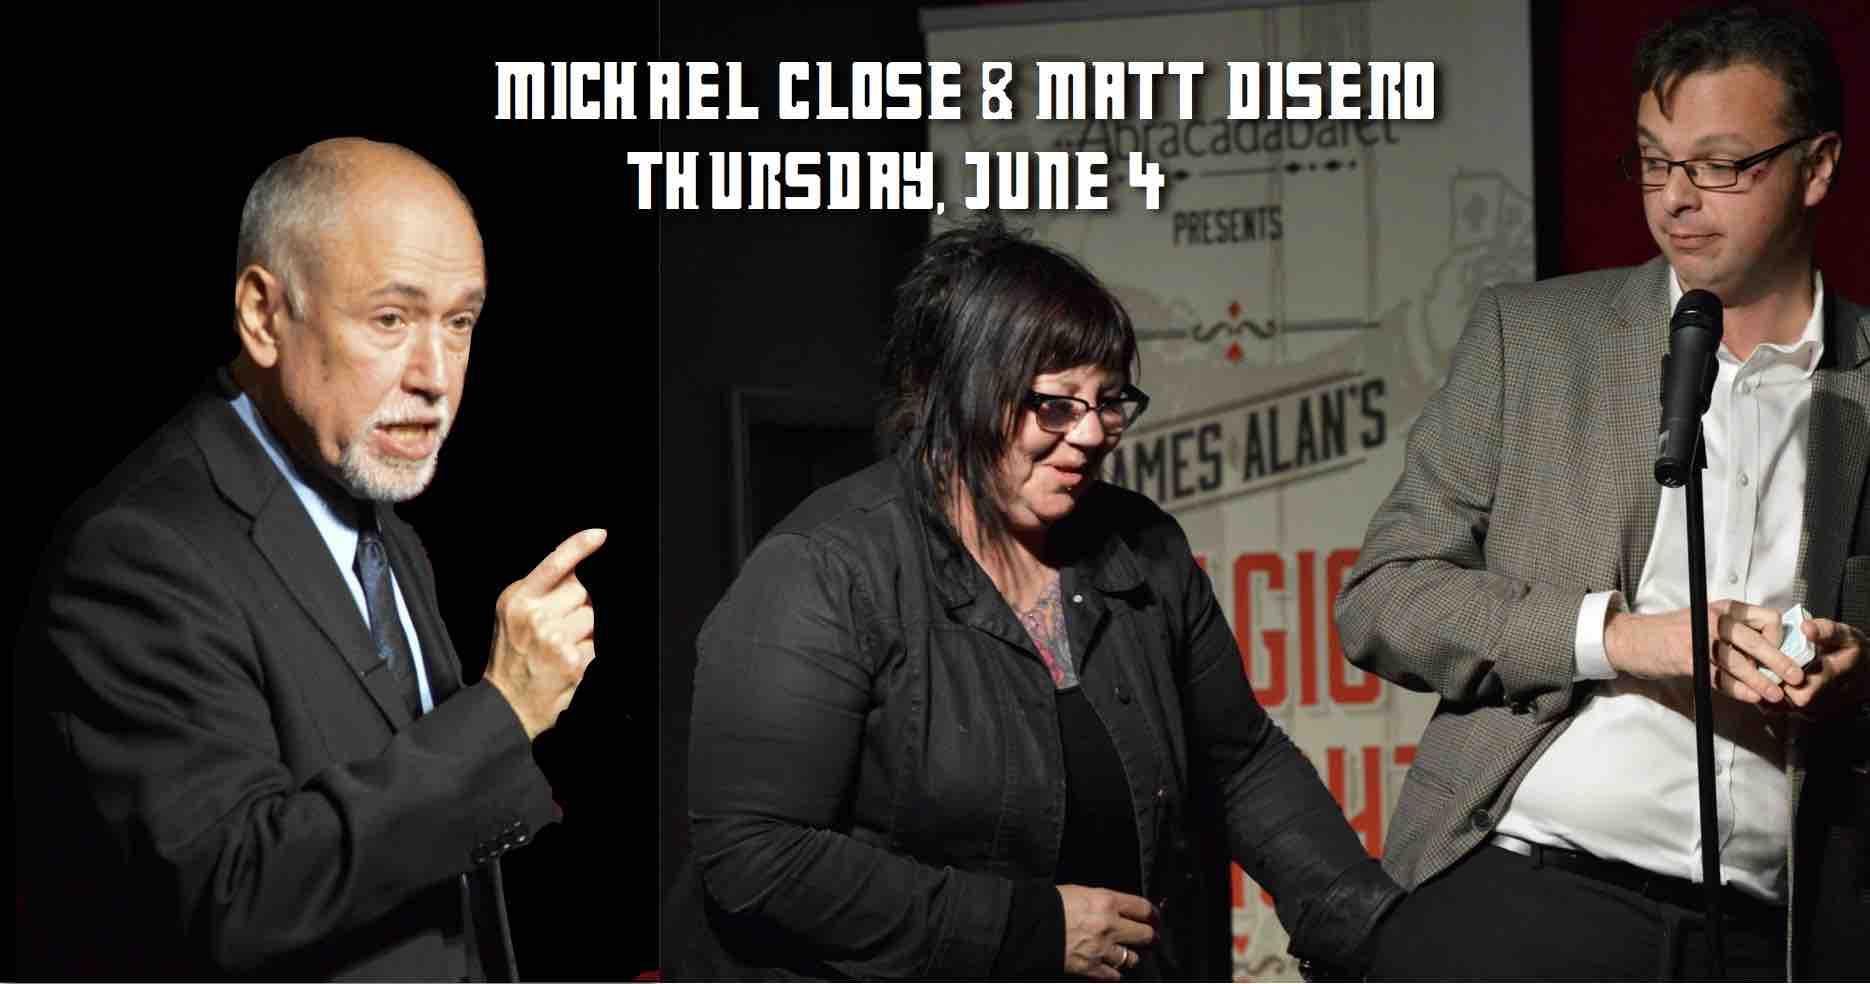 June 4 Matt DiSero Michael Close